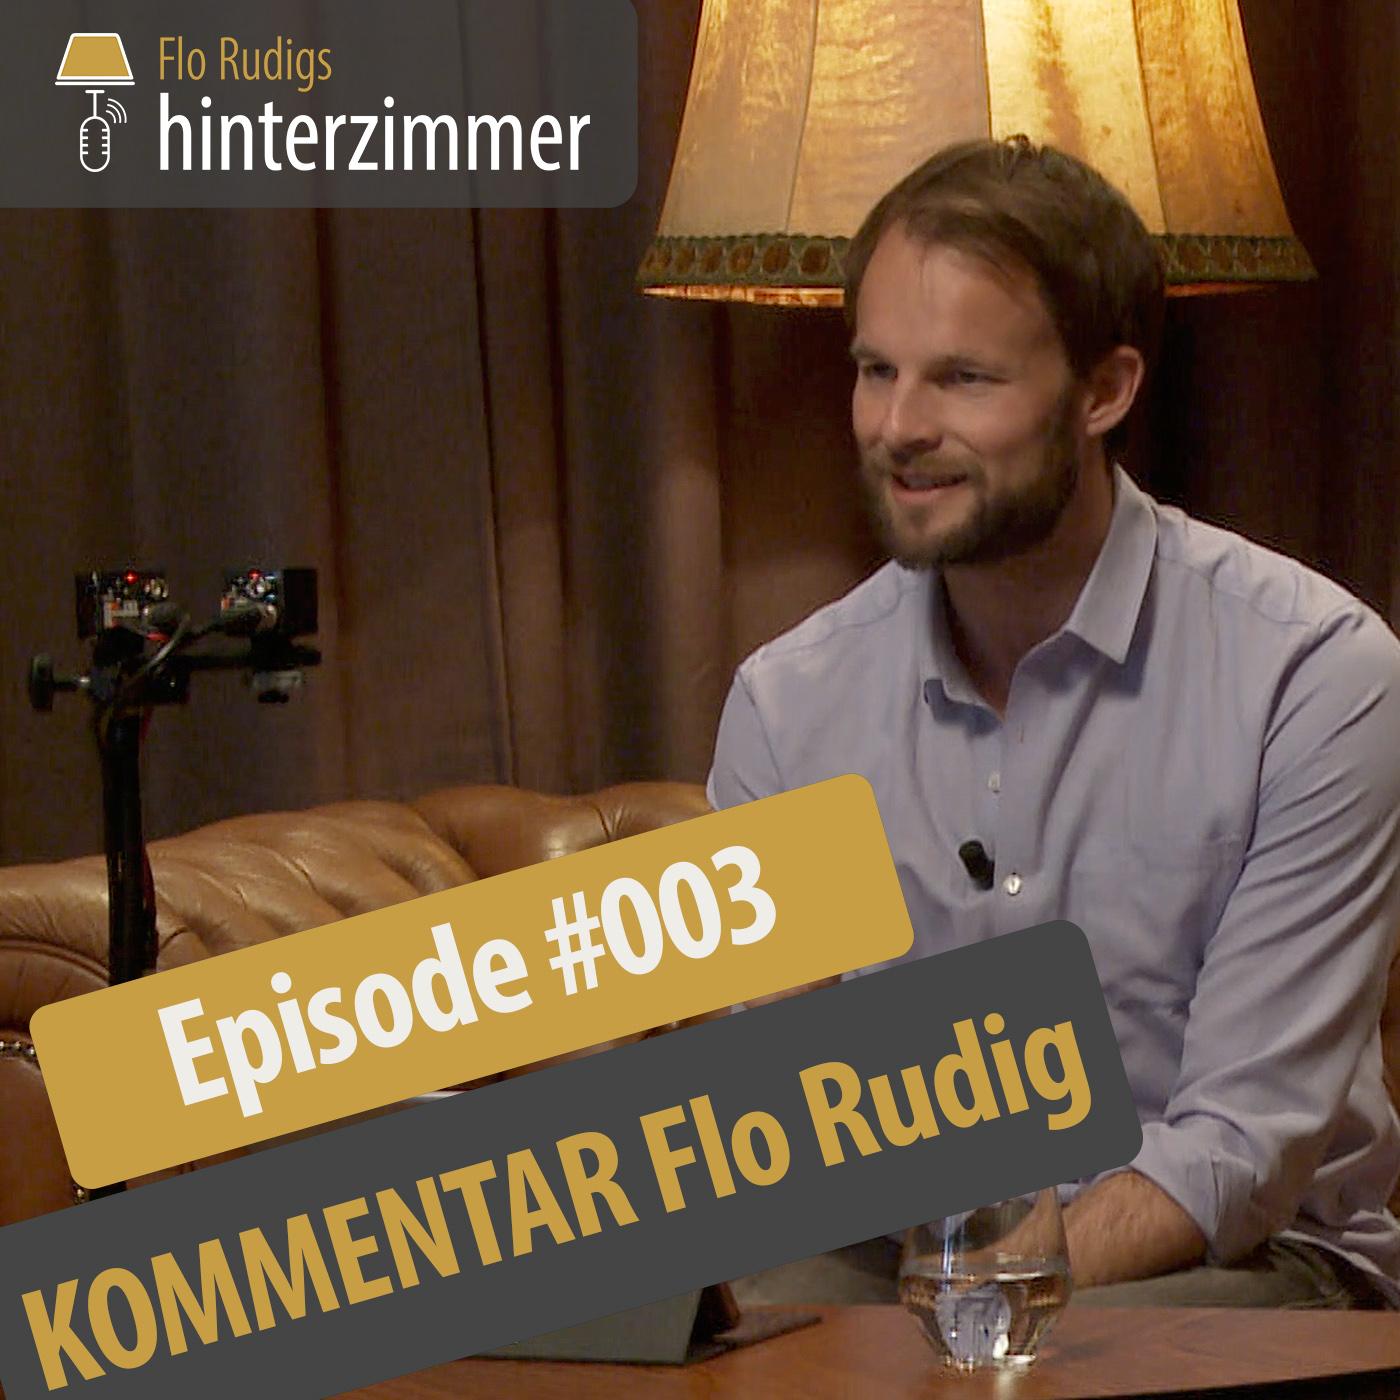 #003 Kommentar von Flo Rudig zur Regierungskrise und EU-Wahl | Hinterzimmer